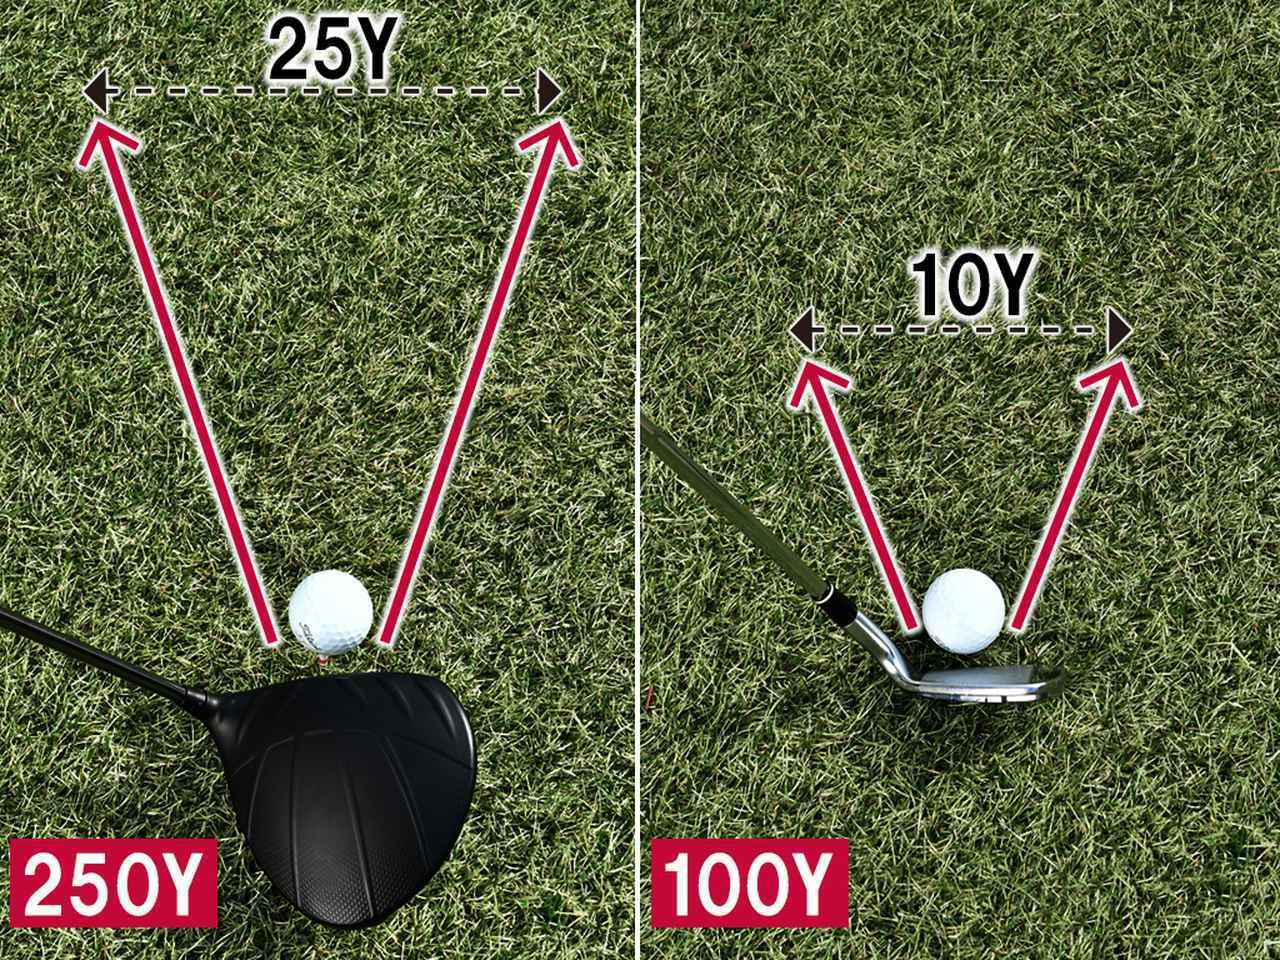 画像: 100㍎のクラブなら10㍎幅、250㍎のクラブなら25㍎の幅に球が飛んでいく